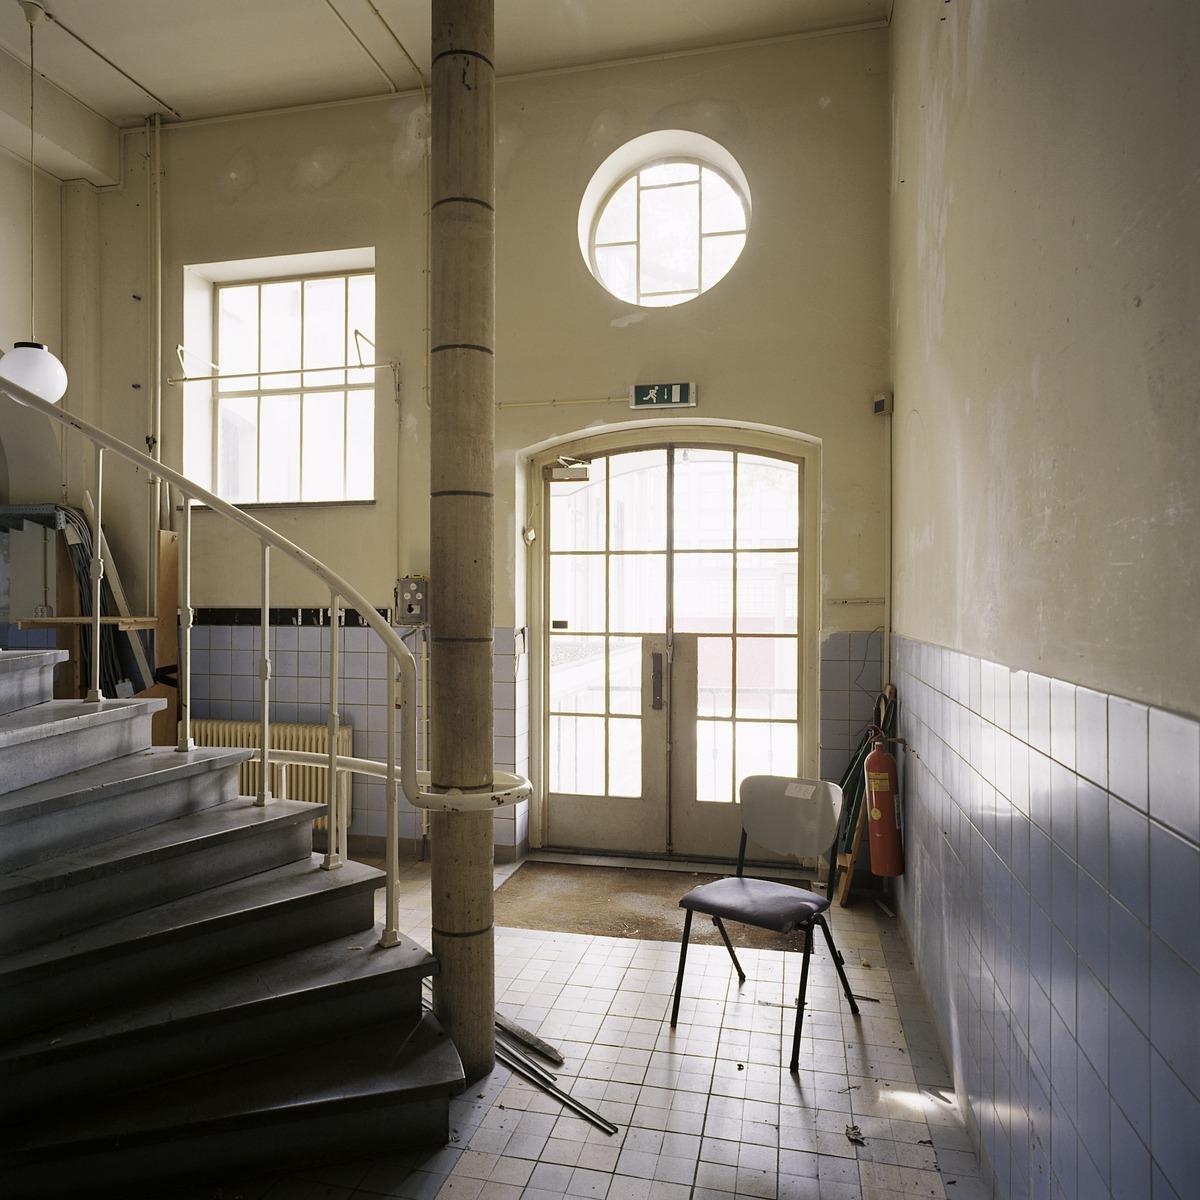 File interieur overzicht van de hal links achter met zicht op trap tilburg 20388685 rce - Model interieur trap ...